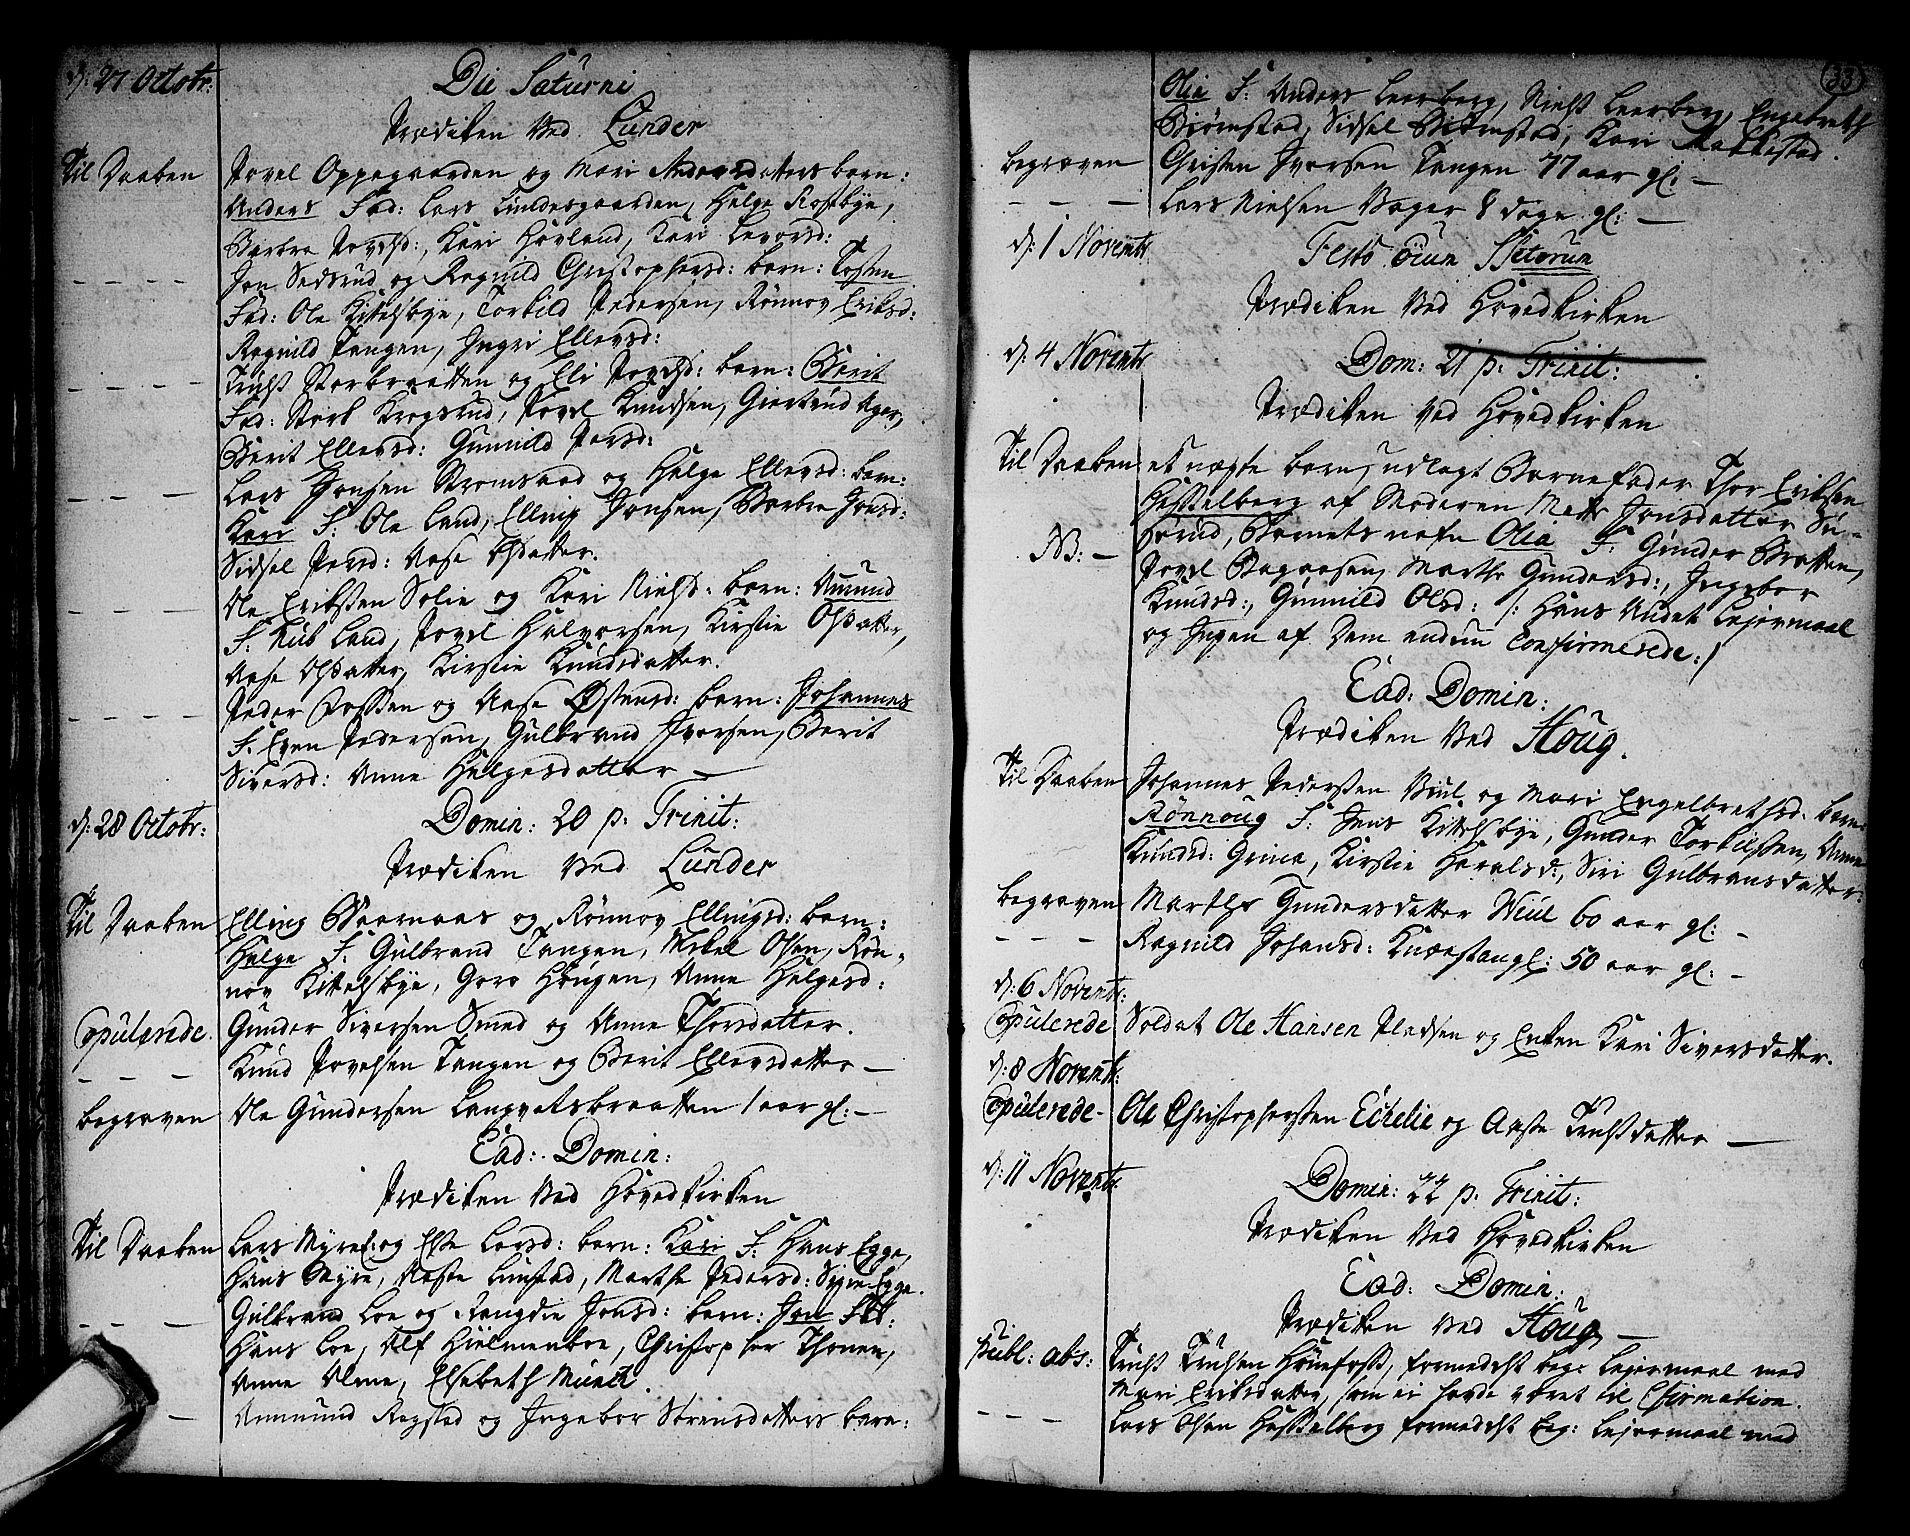 SAKO, Norderhov kirkebøker, F/Fa/L0004: Ministerialbok nr. 4, 1758-1774, s. 33